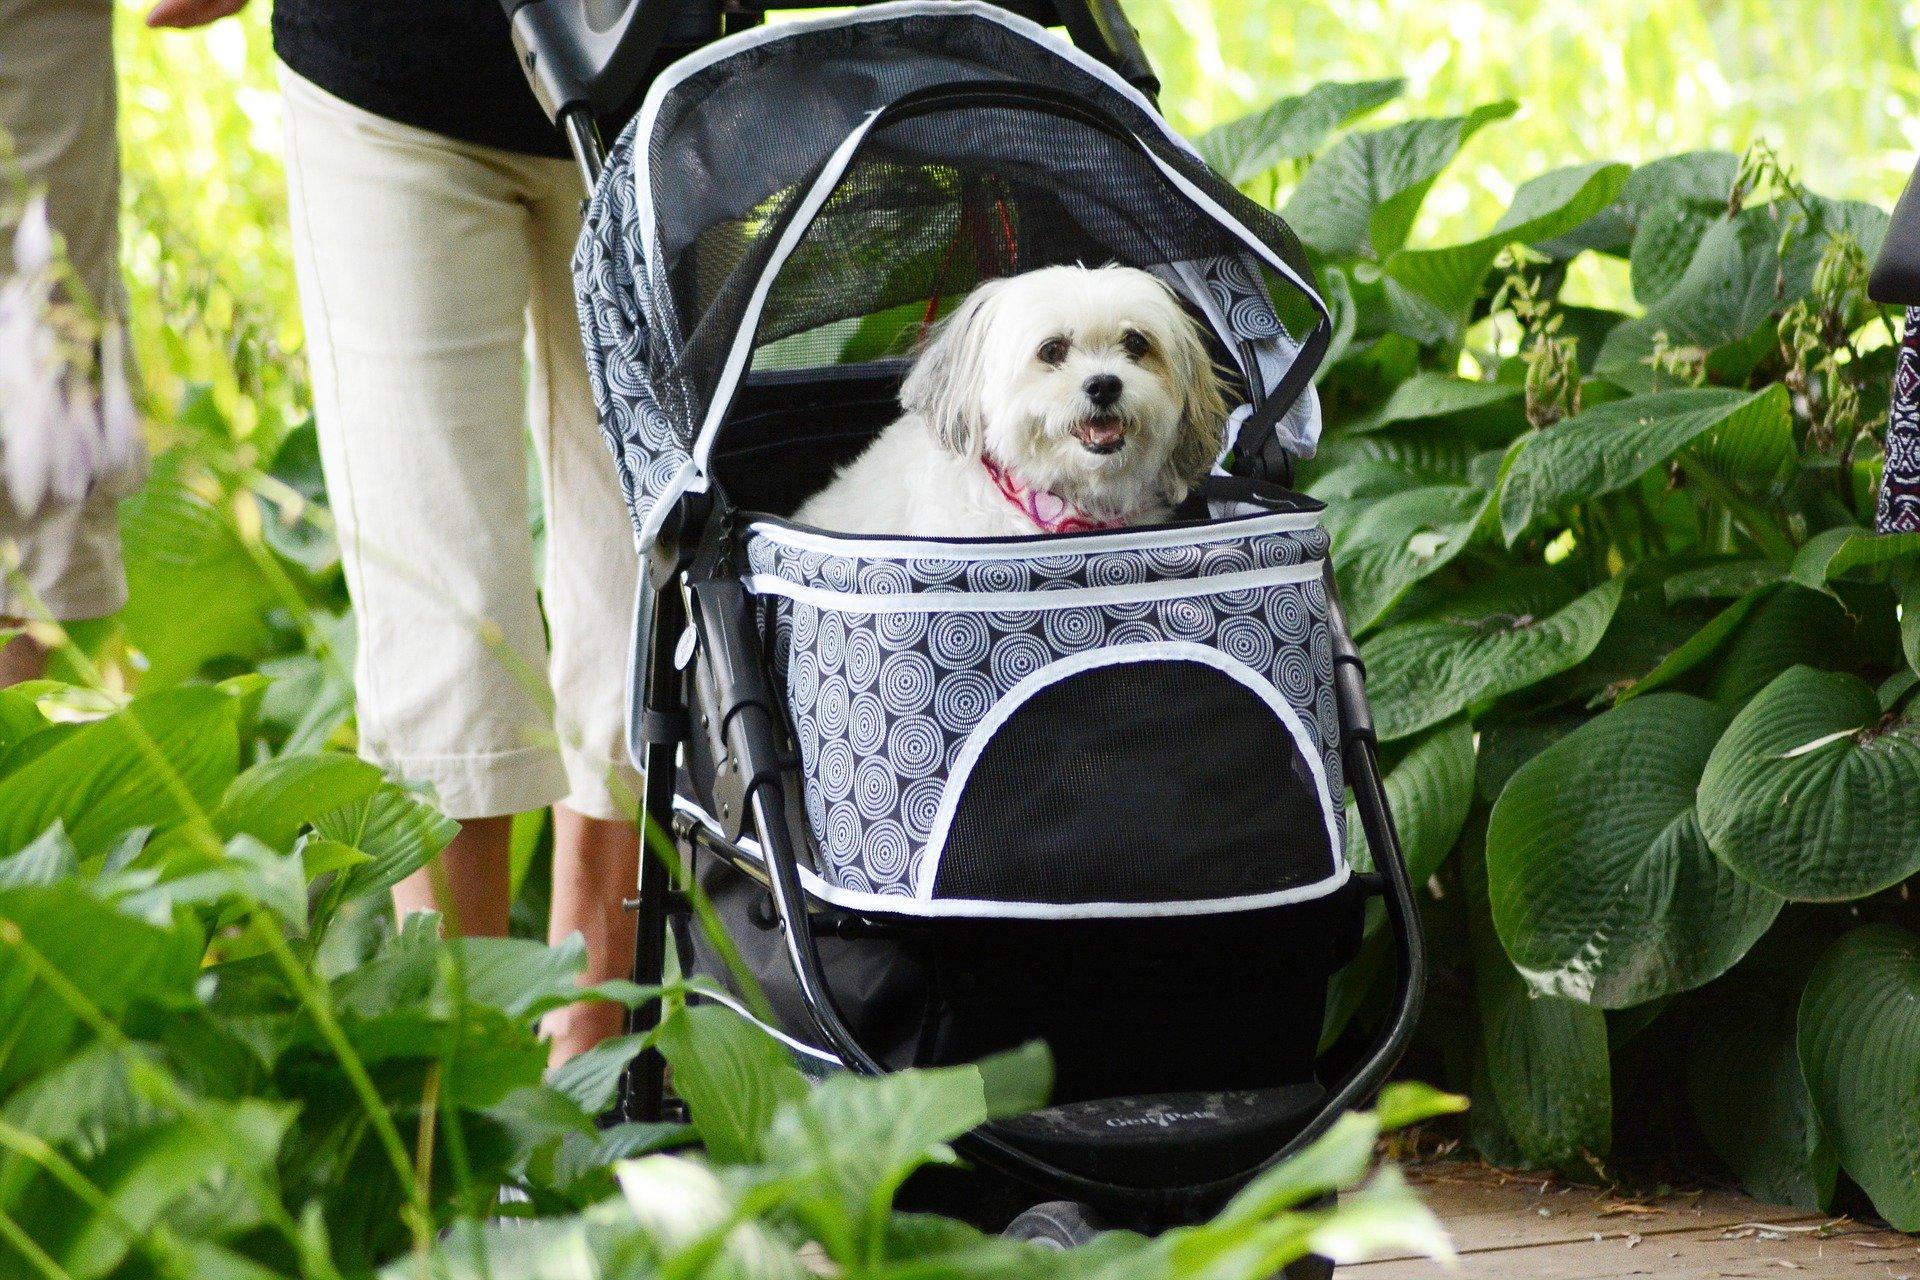 Trasportini per cani: le diverse tipologie